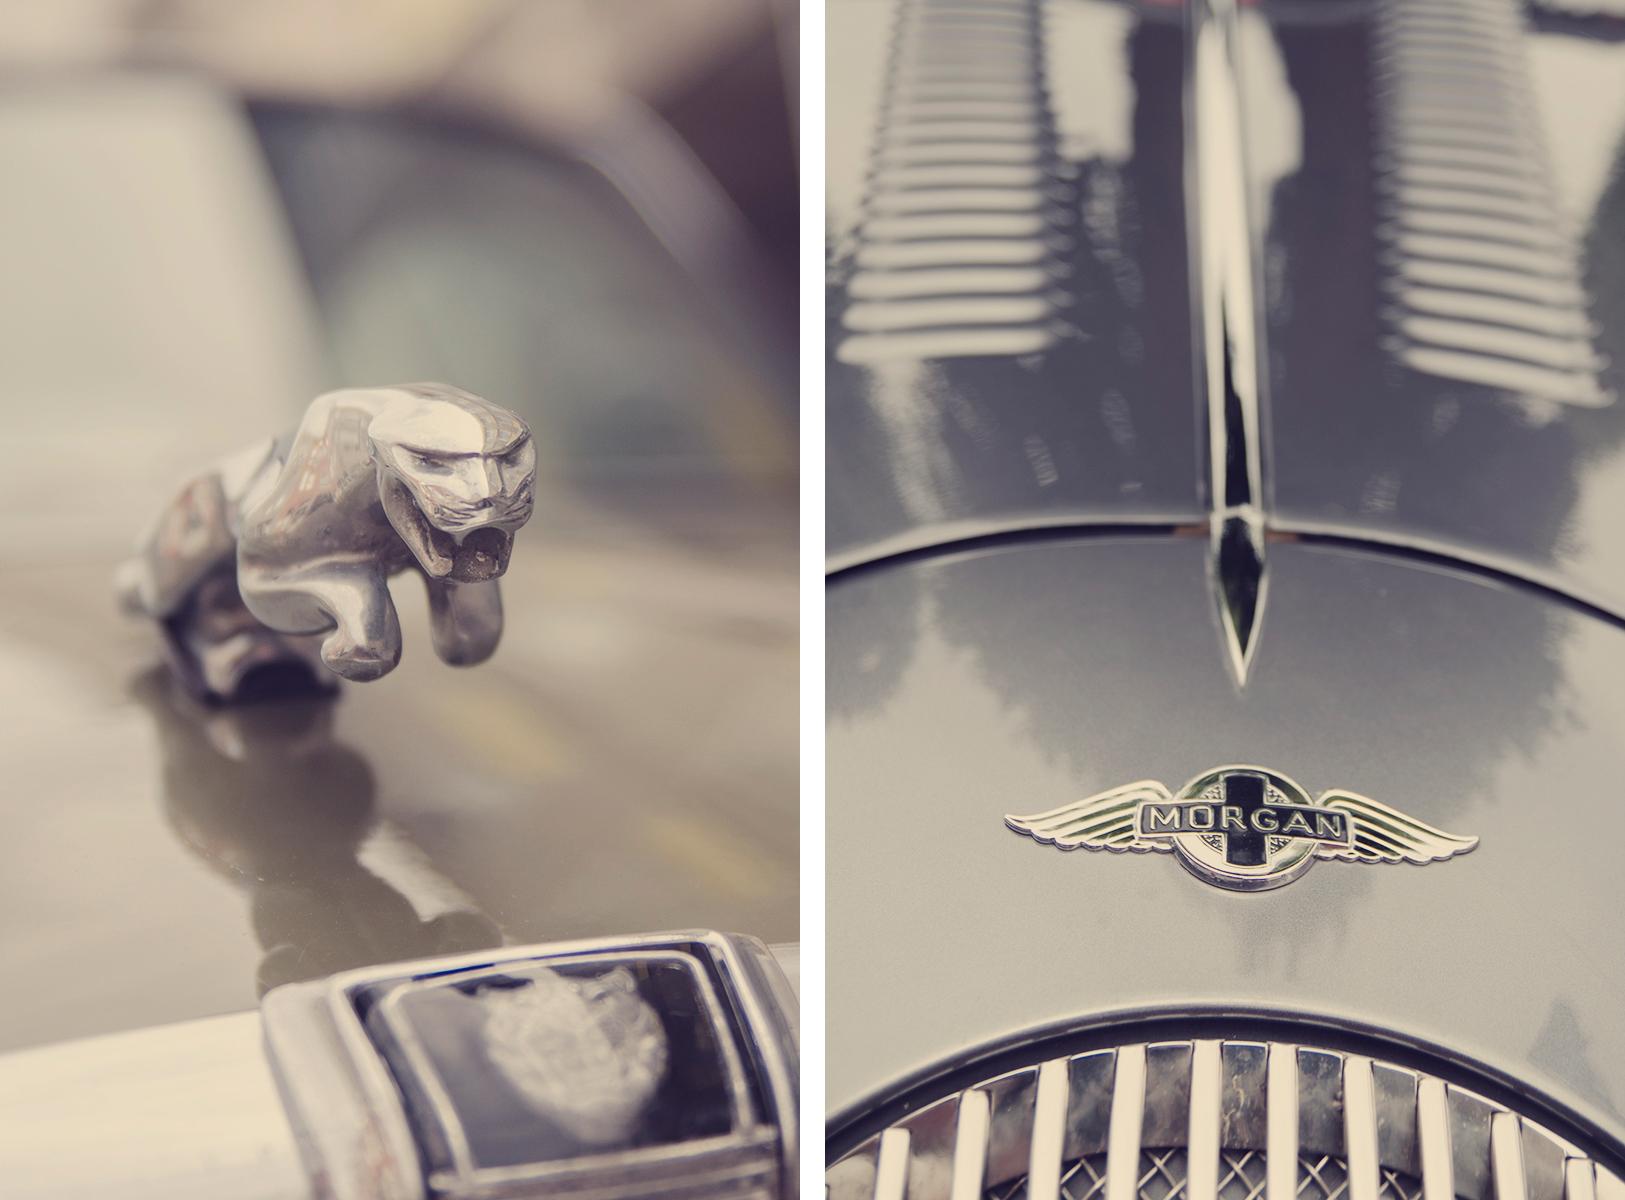 Jaguar Morgan